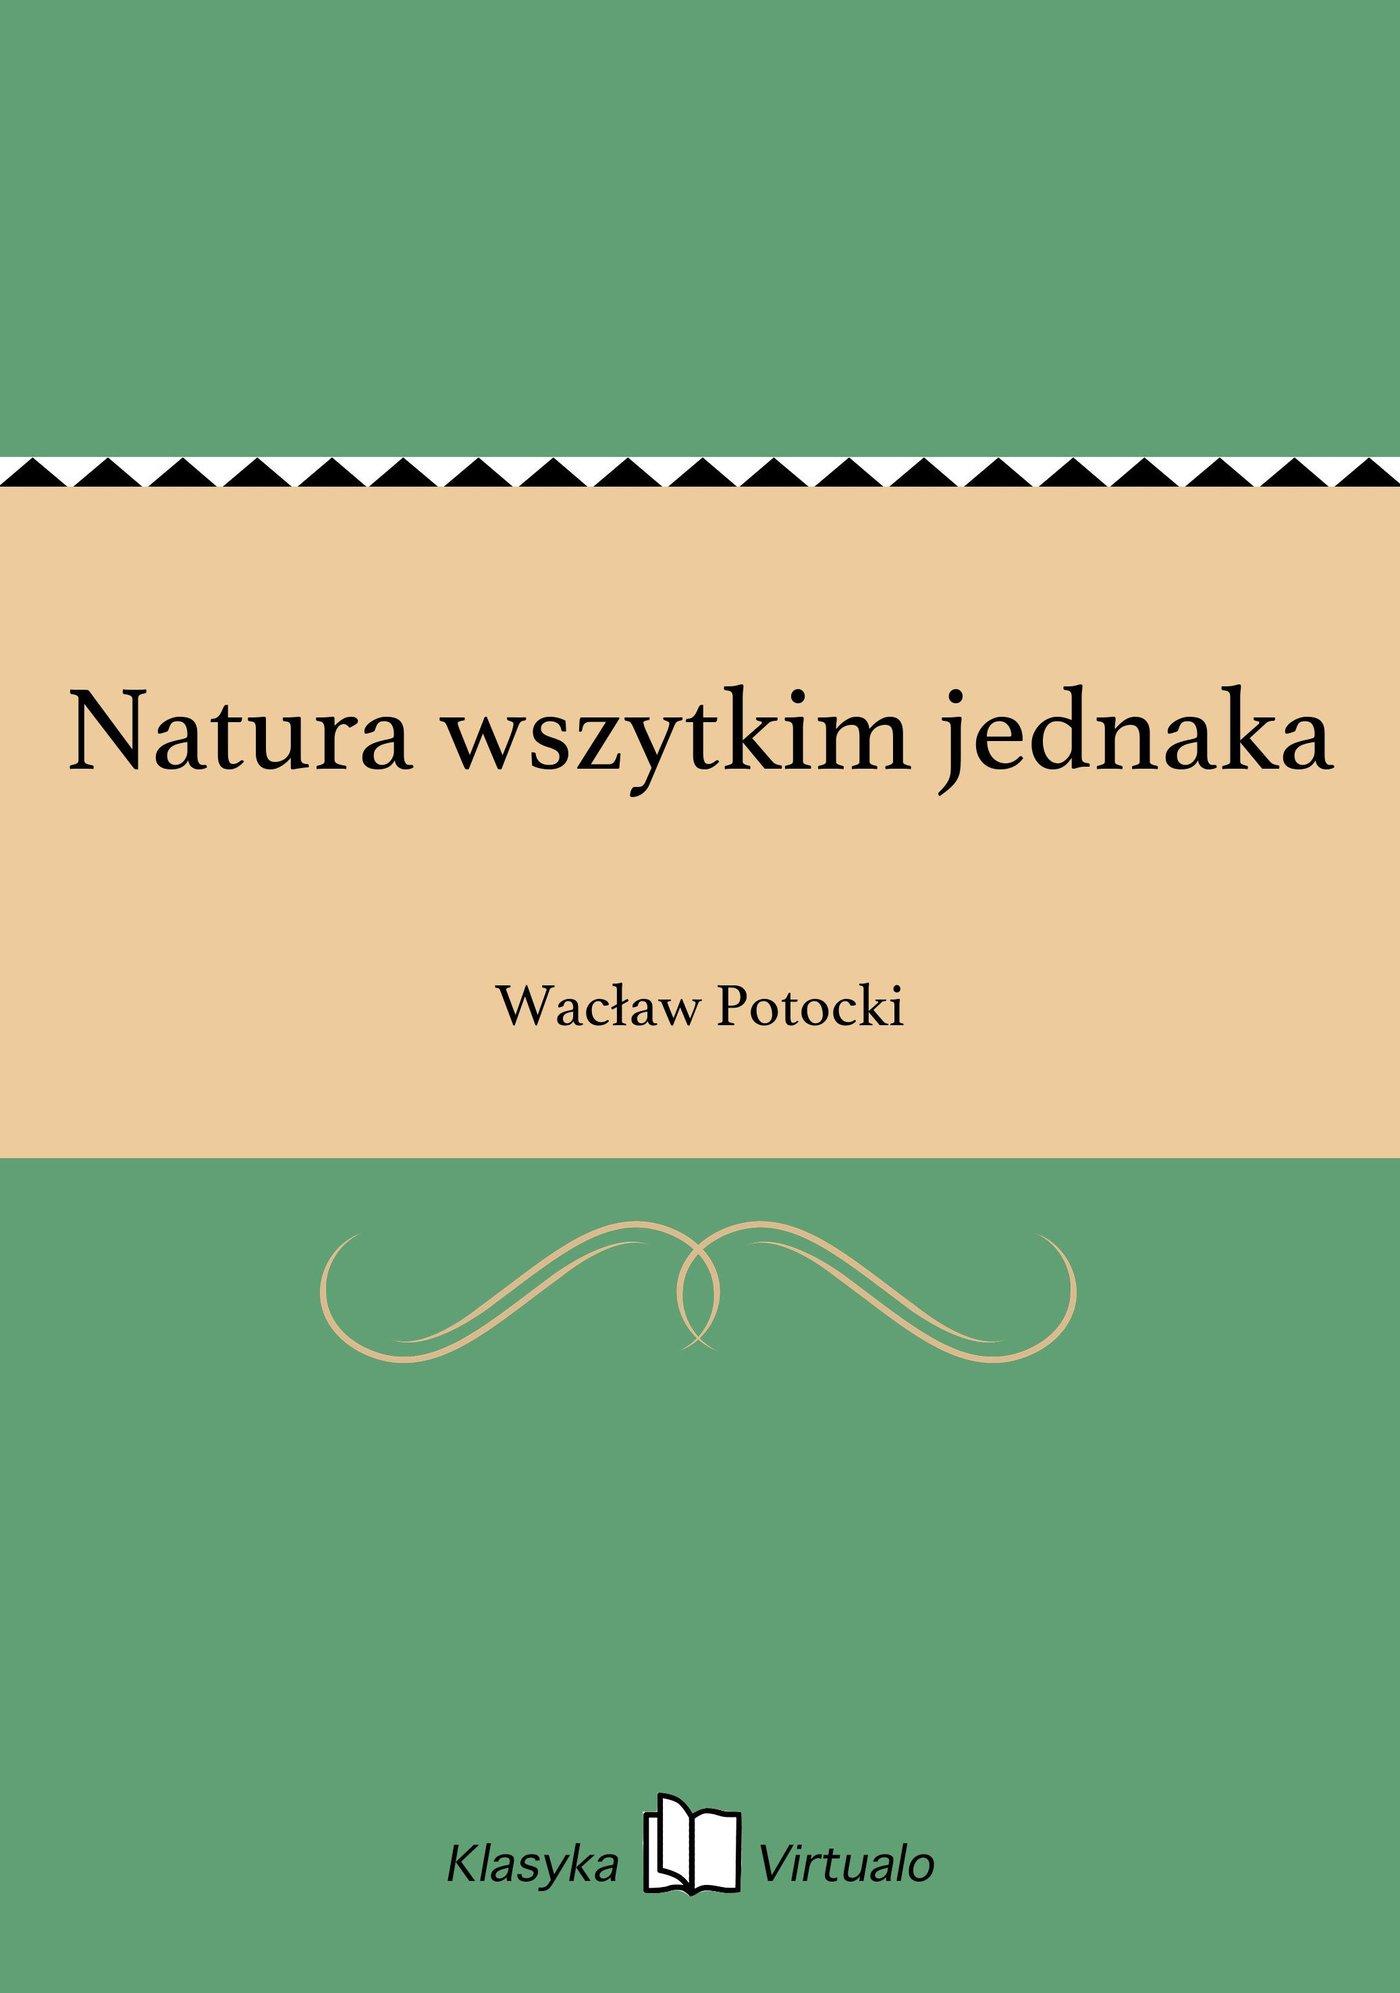 Natura wszytkim jednaka - Ebook (Książka EPUB) do pobrania w formacie EPUB